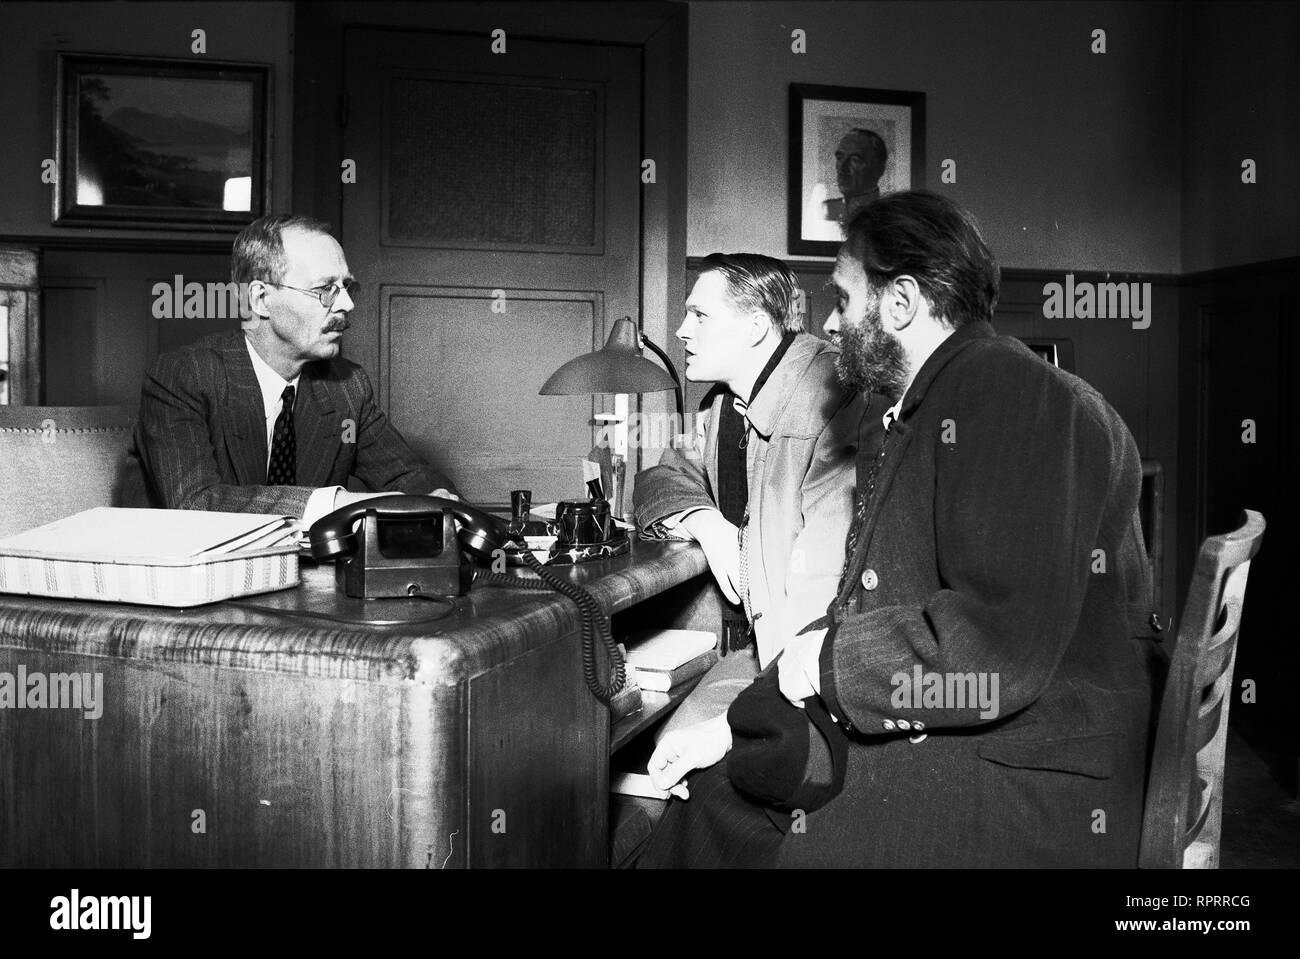 KINDER DER LANDSTRAßE / Schweiz/D/Aut 1992 / Urs Egger Die Geschichte der Jana Kessel, die 1939 von Dr. Schönefeld (HANS PETER KORFF, li.), dem Leiter eines schweizerischen 'Hilfswerks', ihren Zigeunereltern weggenommen wurde, um in Heimen und bei Pflegeeltern - u.a. der Familie Mauerhofer - ein besseres Mitglied der bürgerlichen Gesellschaft zu werden. Szene mit Franz Mauerhofer (GEORG FRIEDRICH, m.) und Vater Kurt Mauerhofer (URS BIHLER). 366182 / Überschrift: KINDER DER LANDSTRAßE / Schweiz/D/Aut 1992 Stock Photo